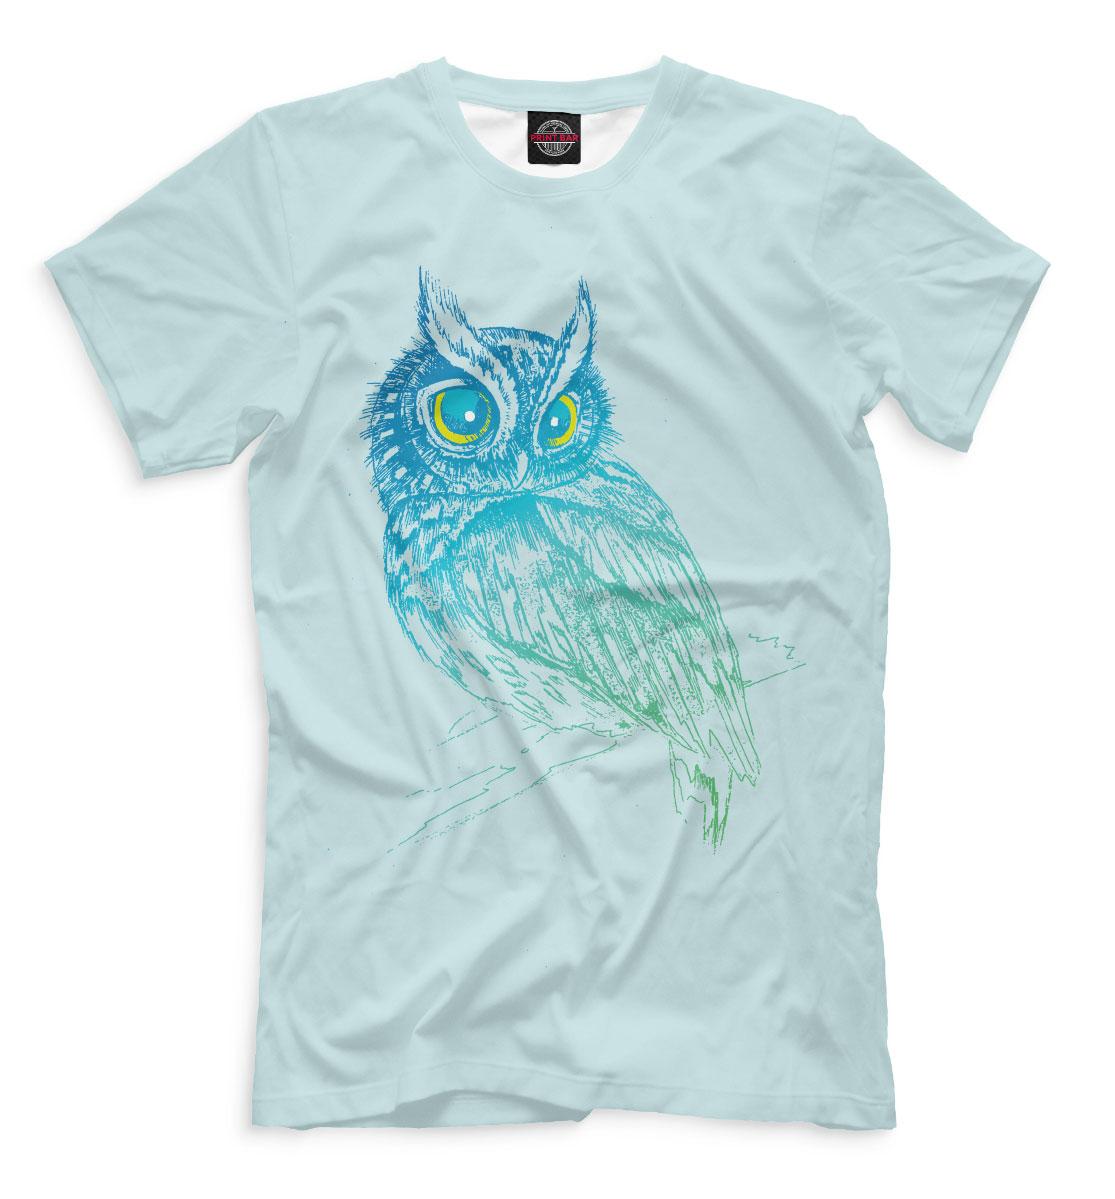 Купить Сова на ветке, Printbar, Футболки, OWL-715085-fut-2